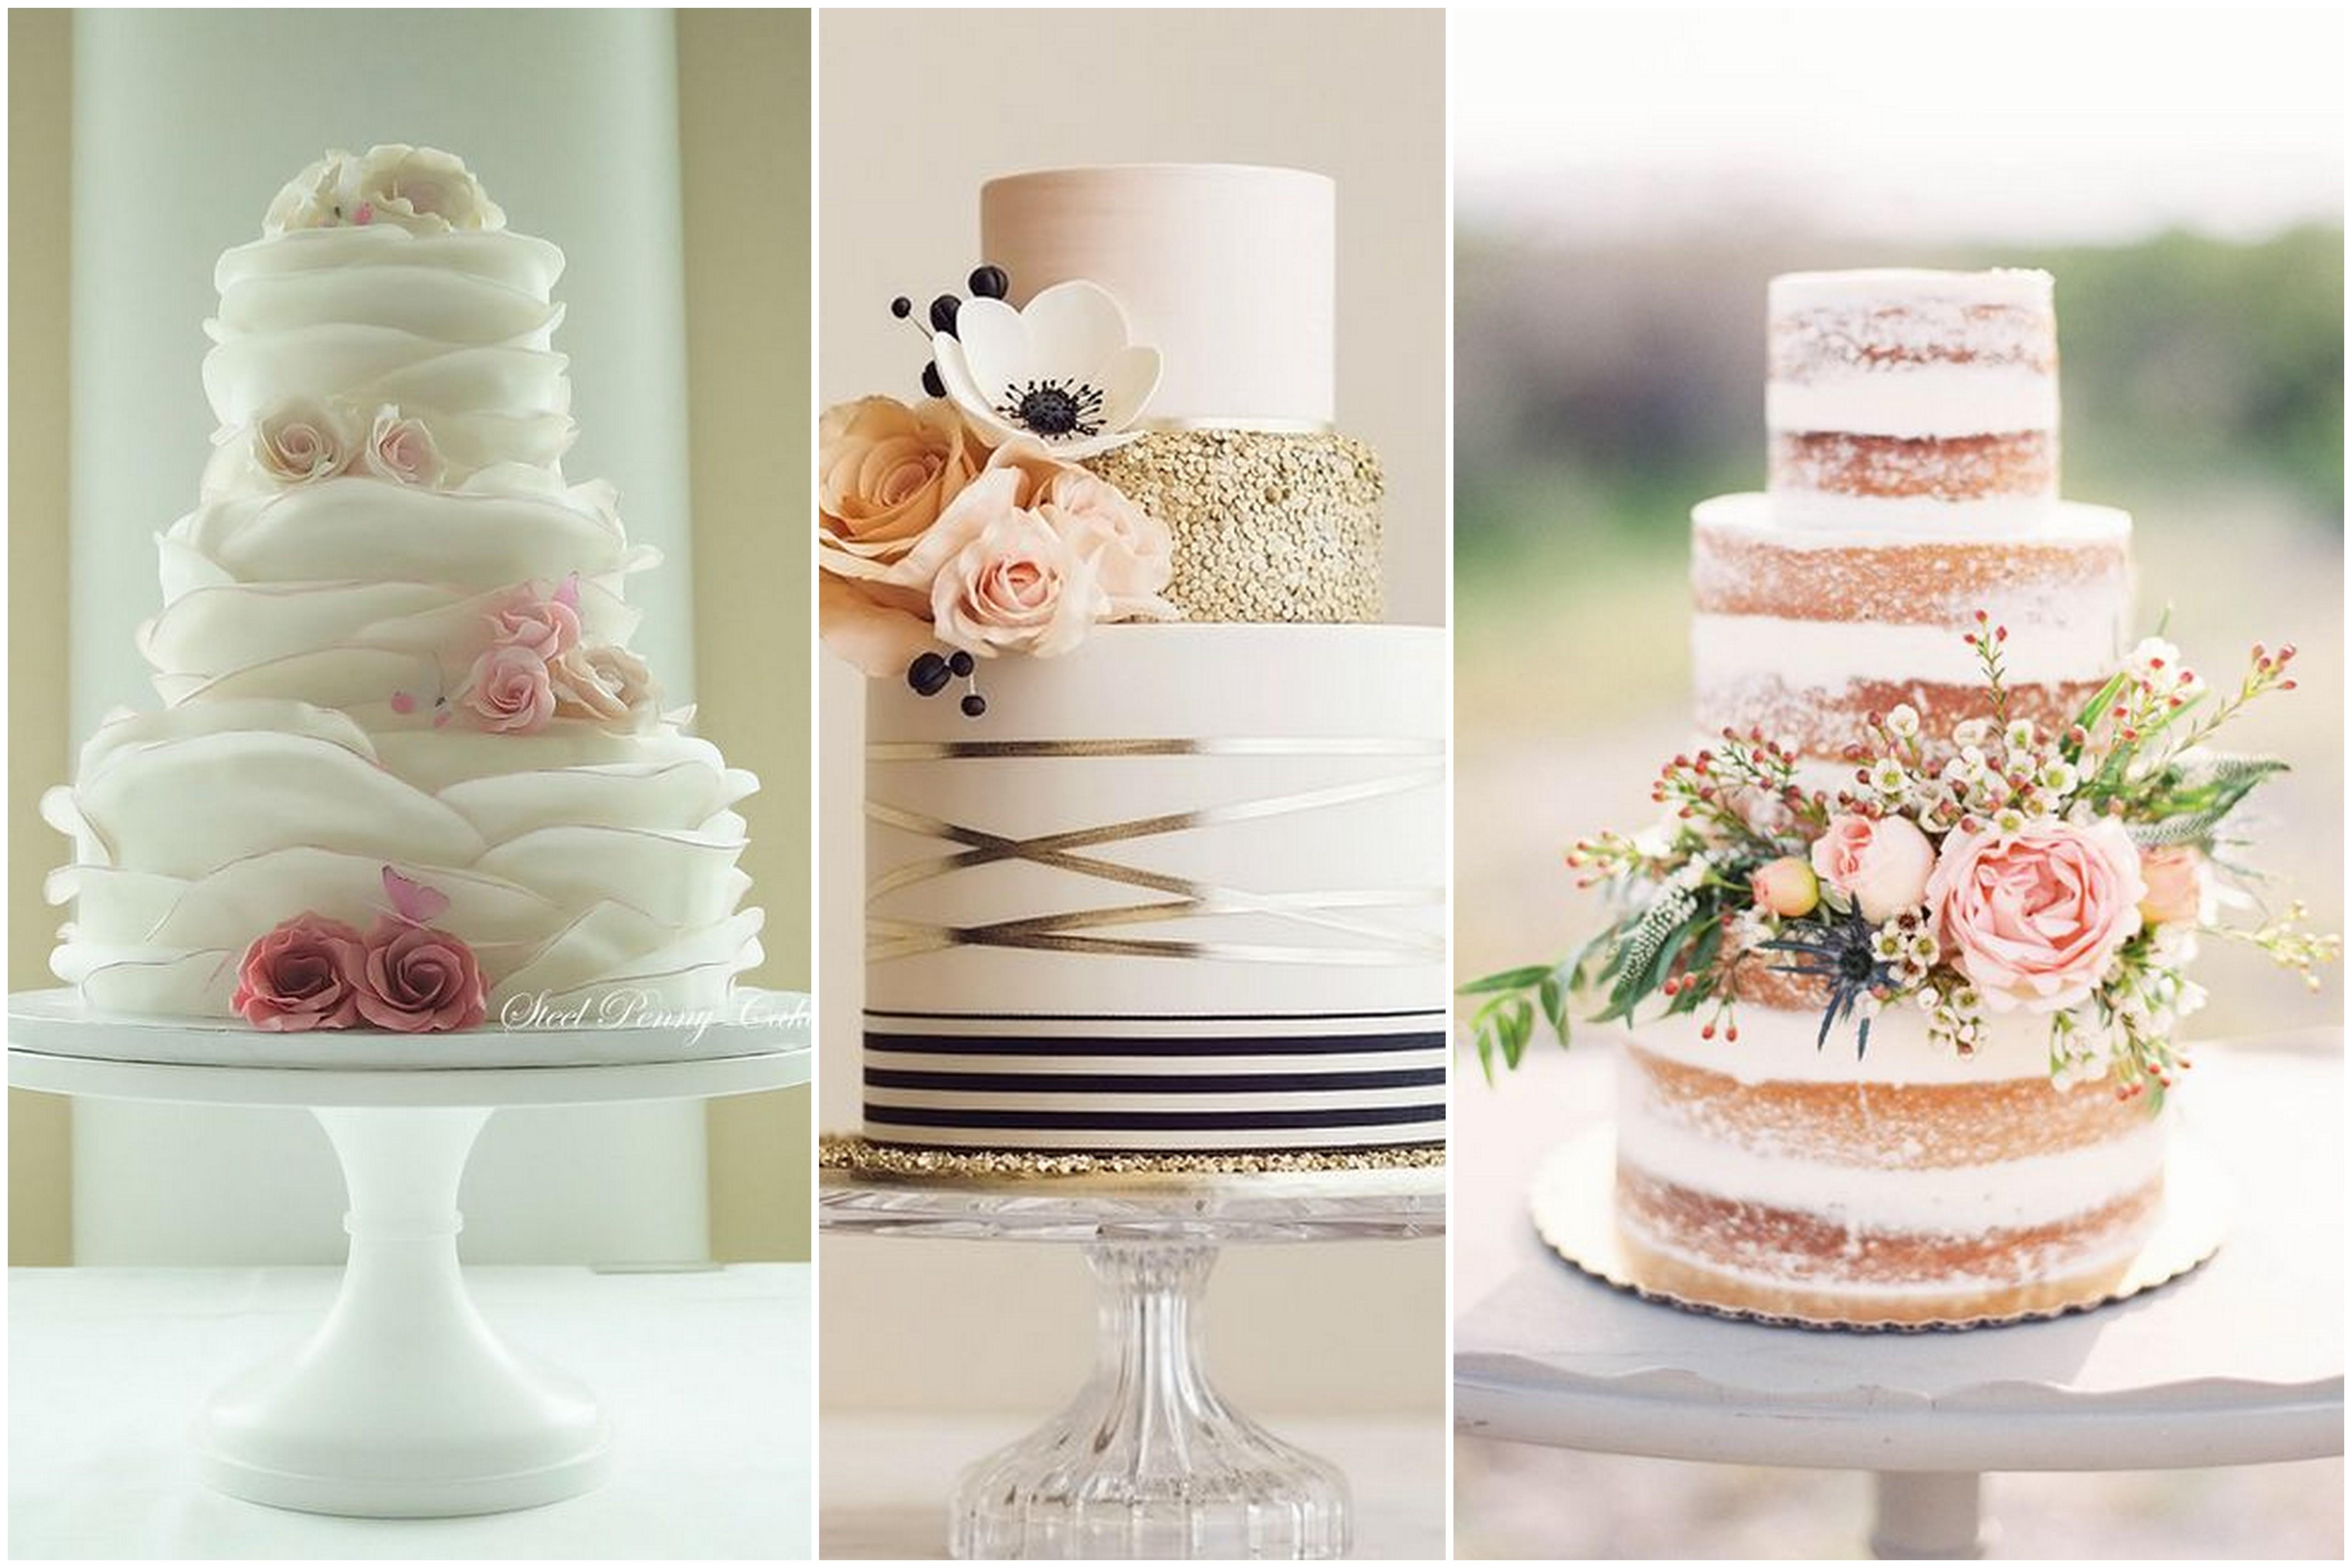 Torta nuziale pinterest migliore collezione inspiration for Piani di coperta e idee